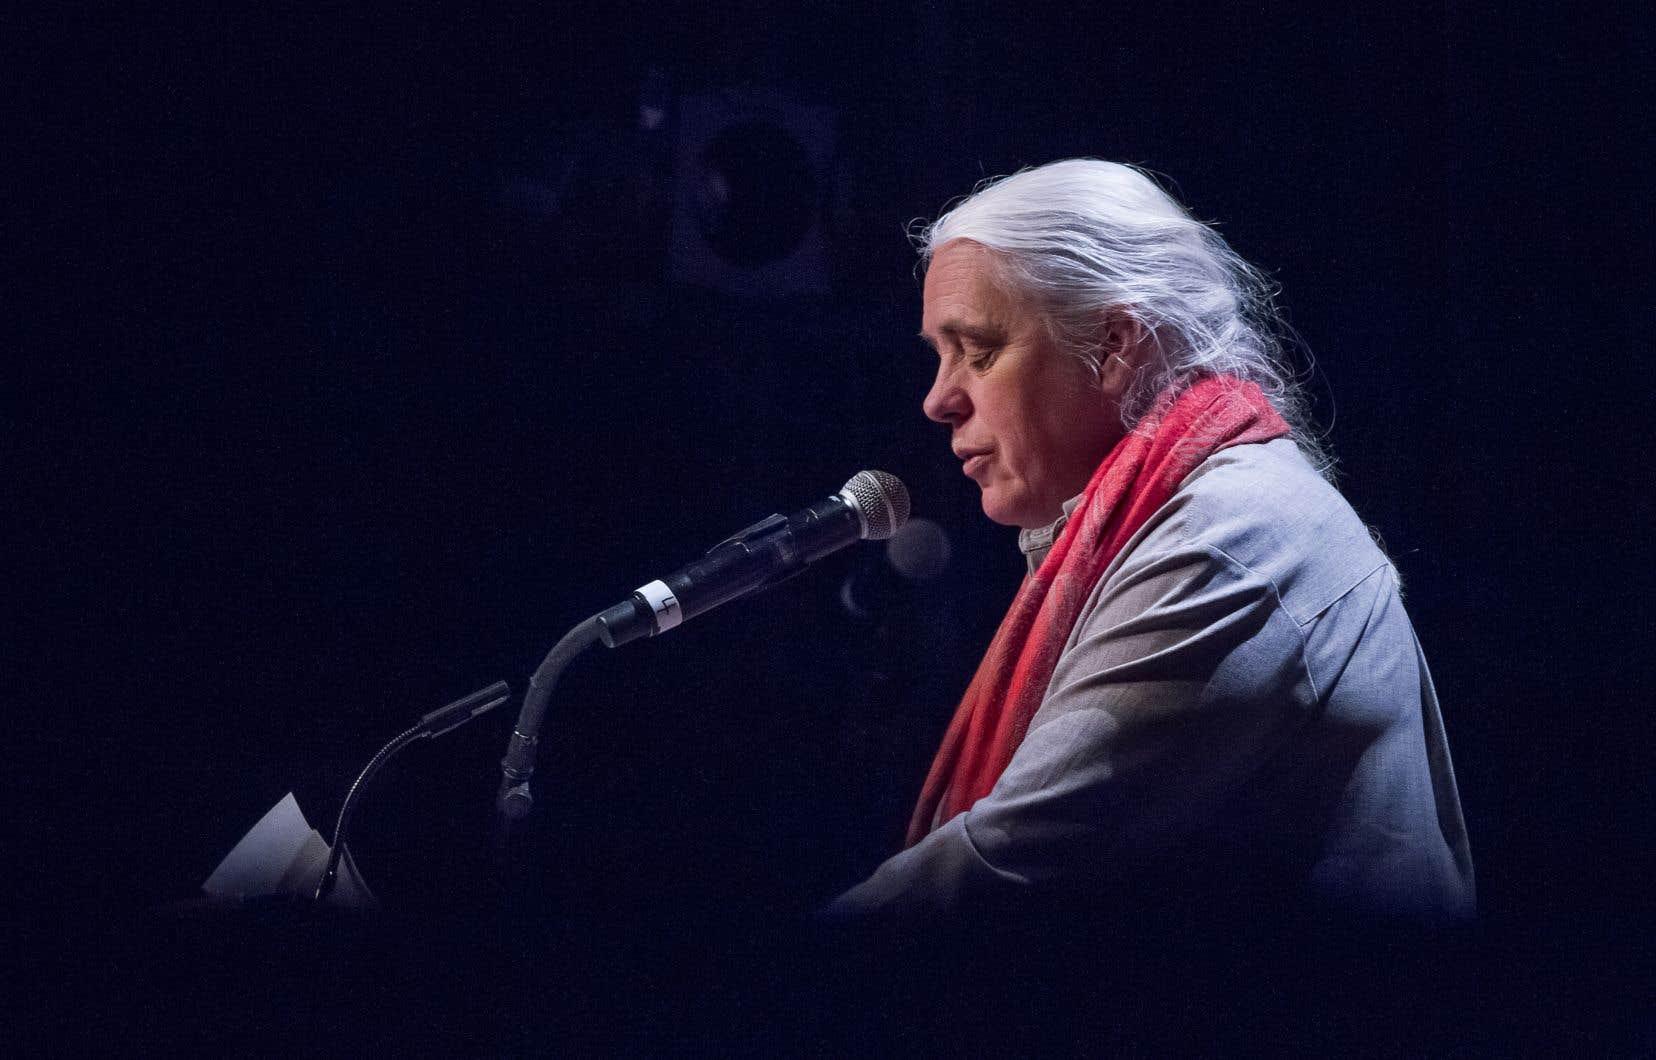 Le débat sur la laïcité sera émotif, a convenu la chef parlementaire de Québec solidaire, Manon Massé.